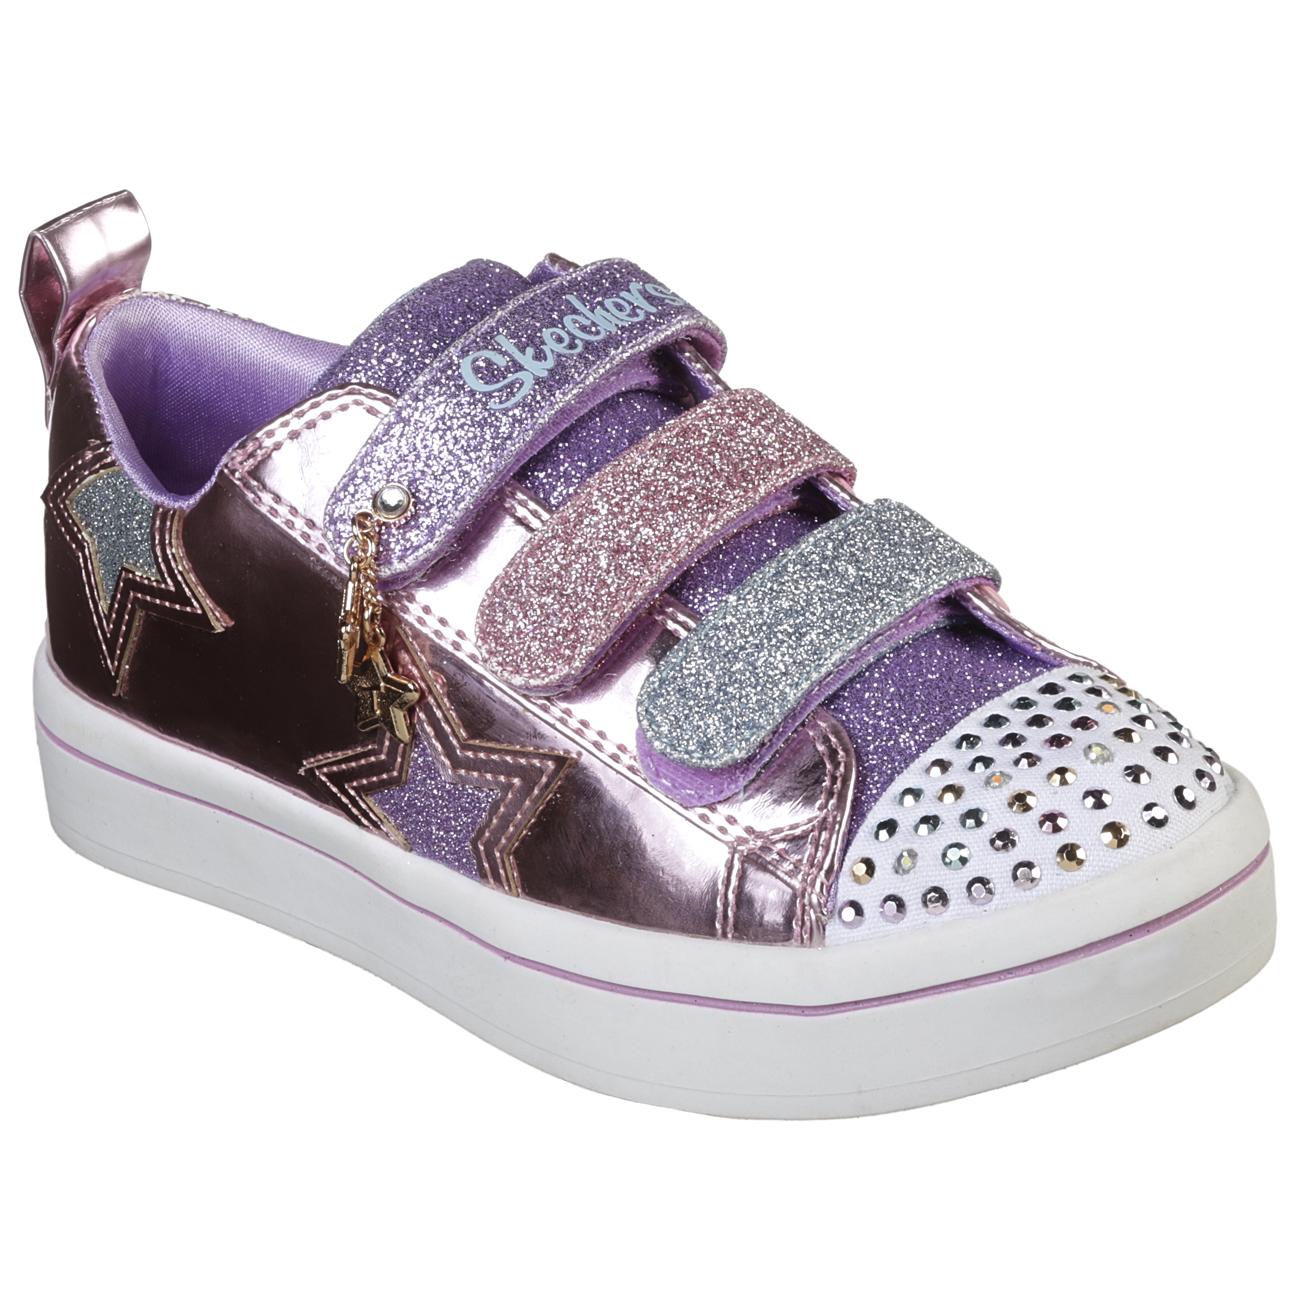 Kids Girls Skechers Twinkle Toes Twi-Lites Twinkle Stars